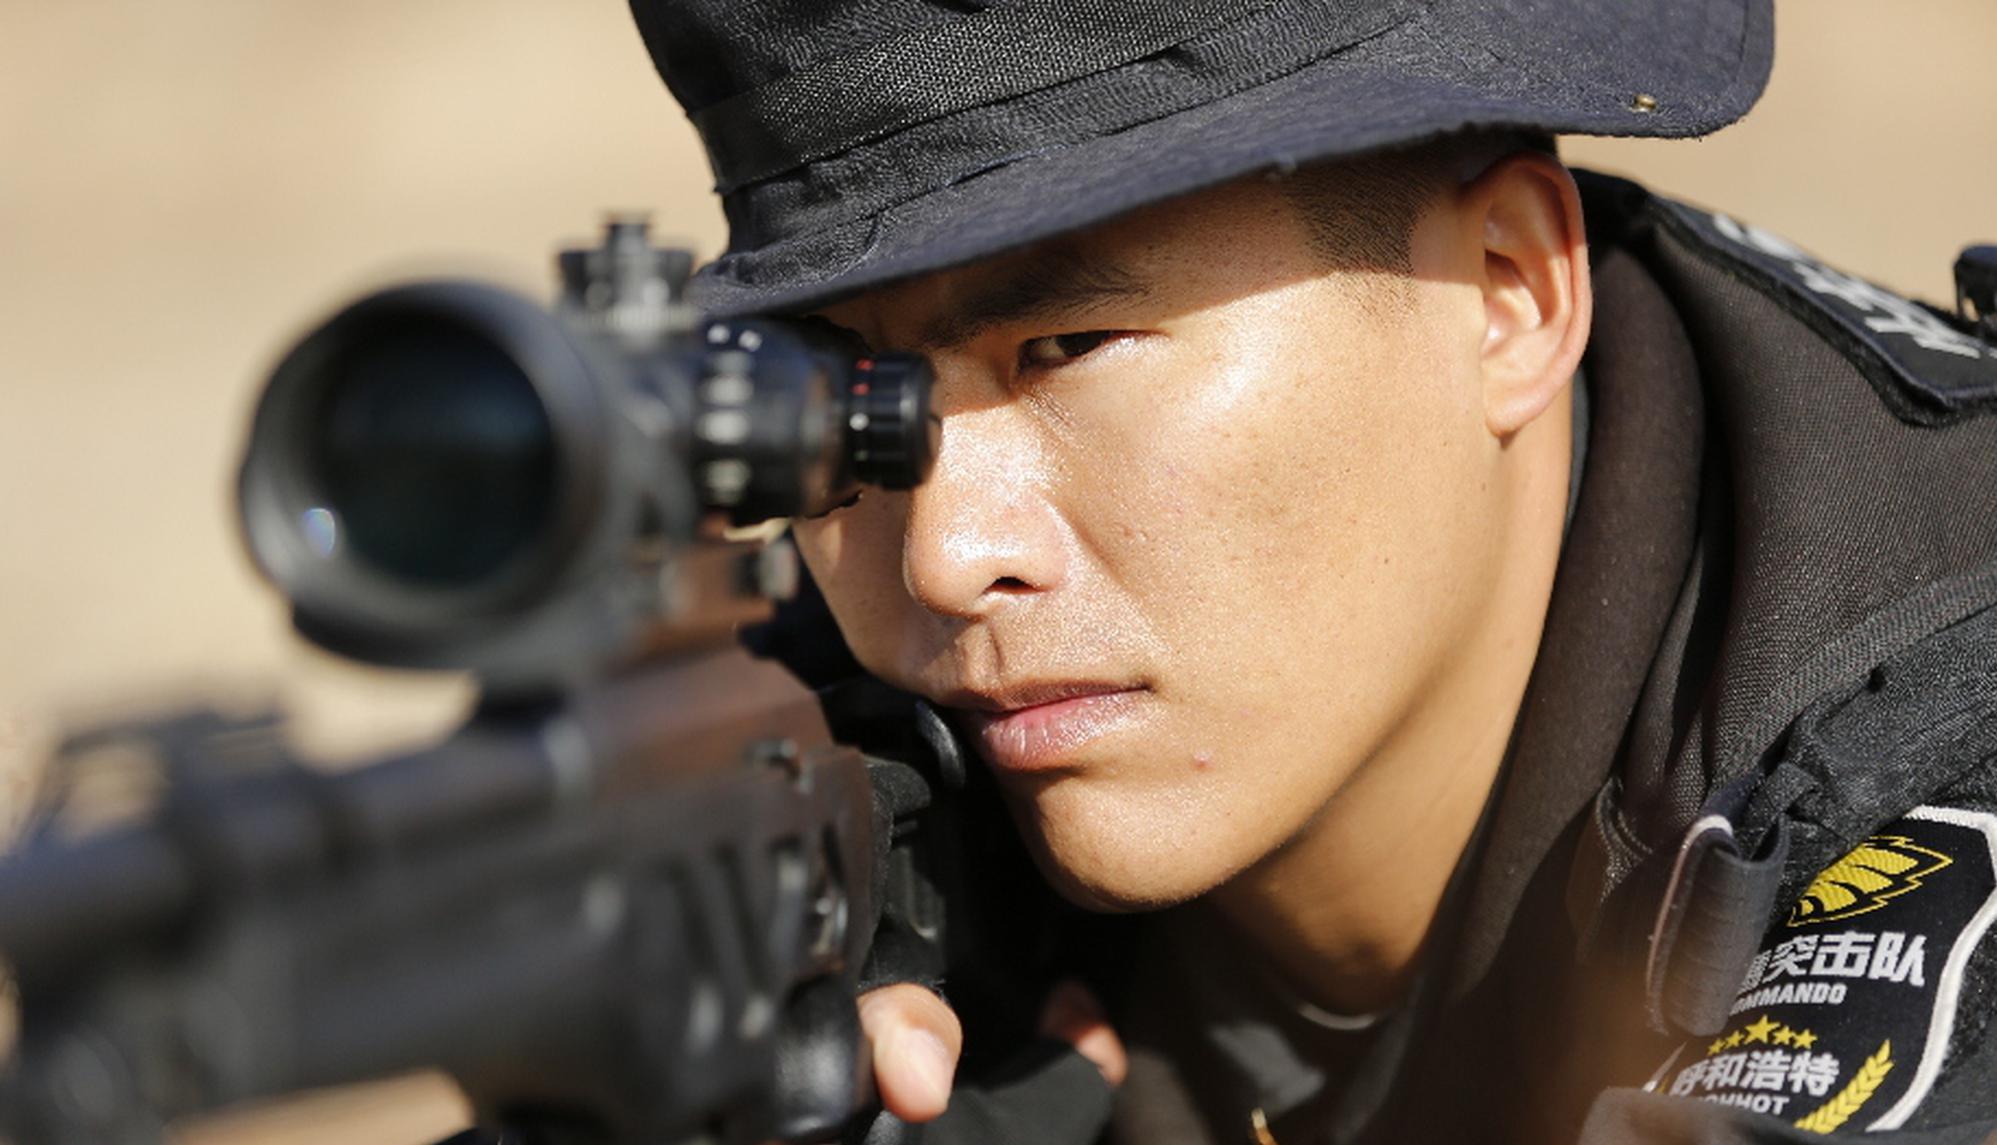 揭秘,特警狙击手是怎样炼成的